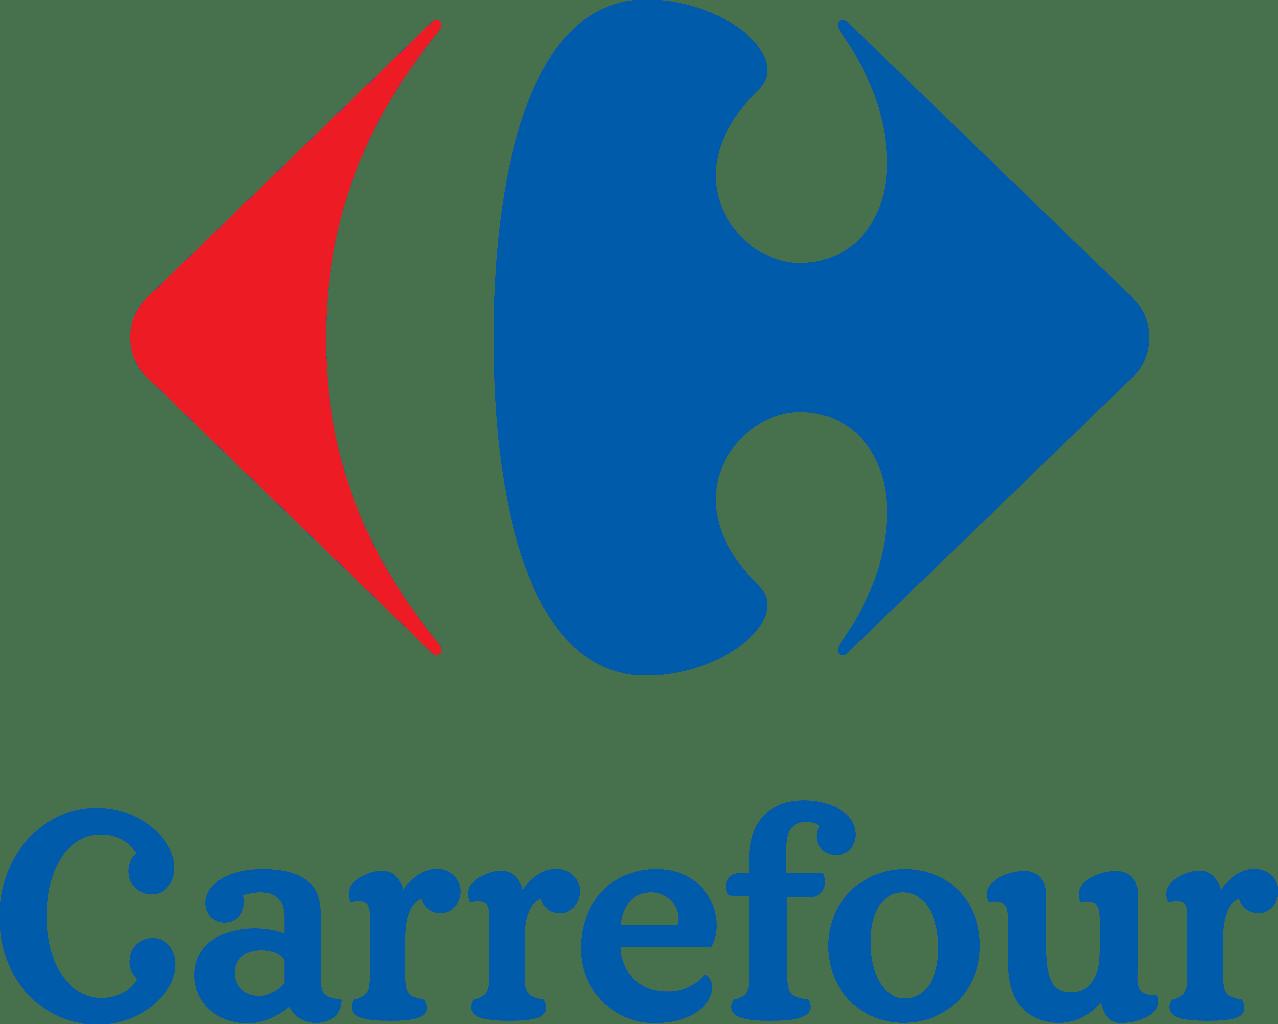 Décryptage du logo Carrefour